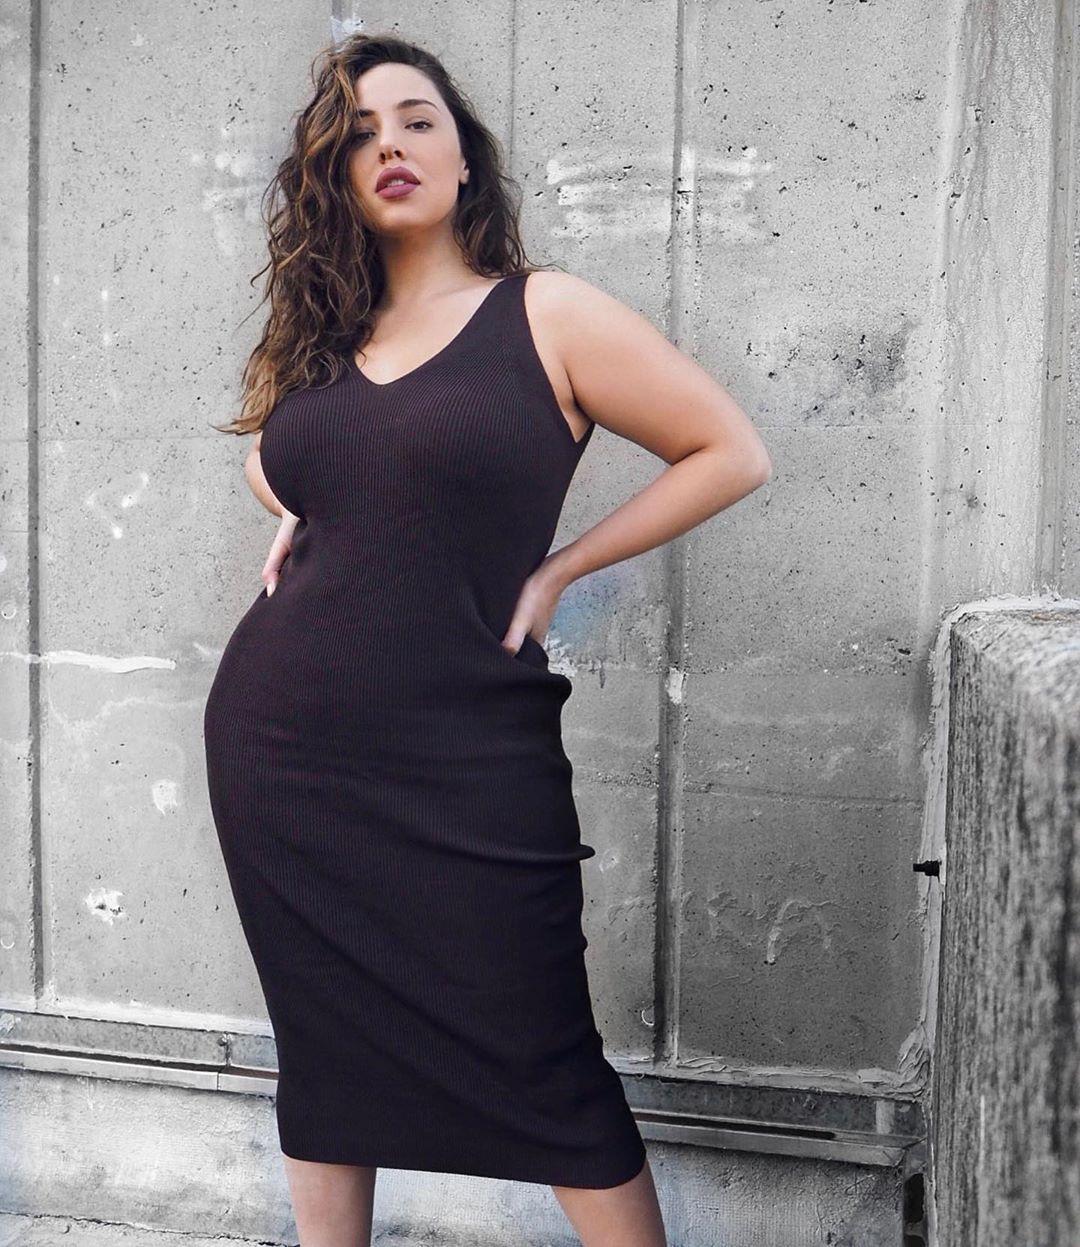 летний минимализм 2019 для полных женщин фото 5